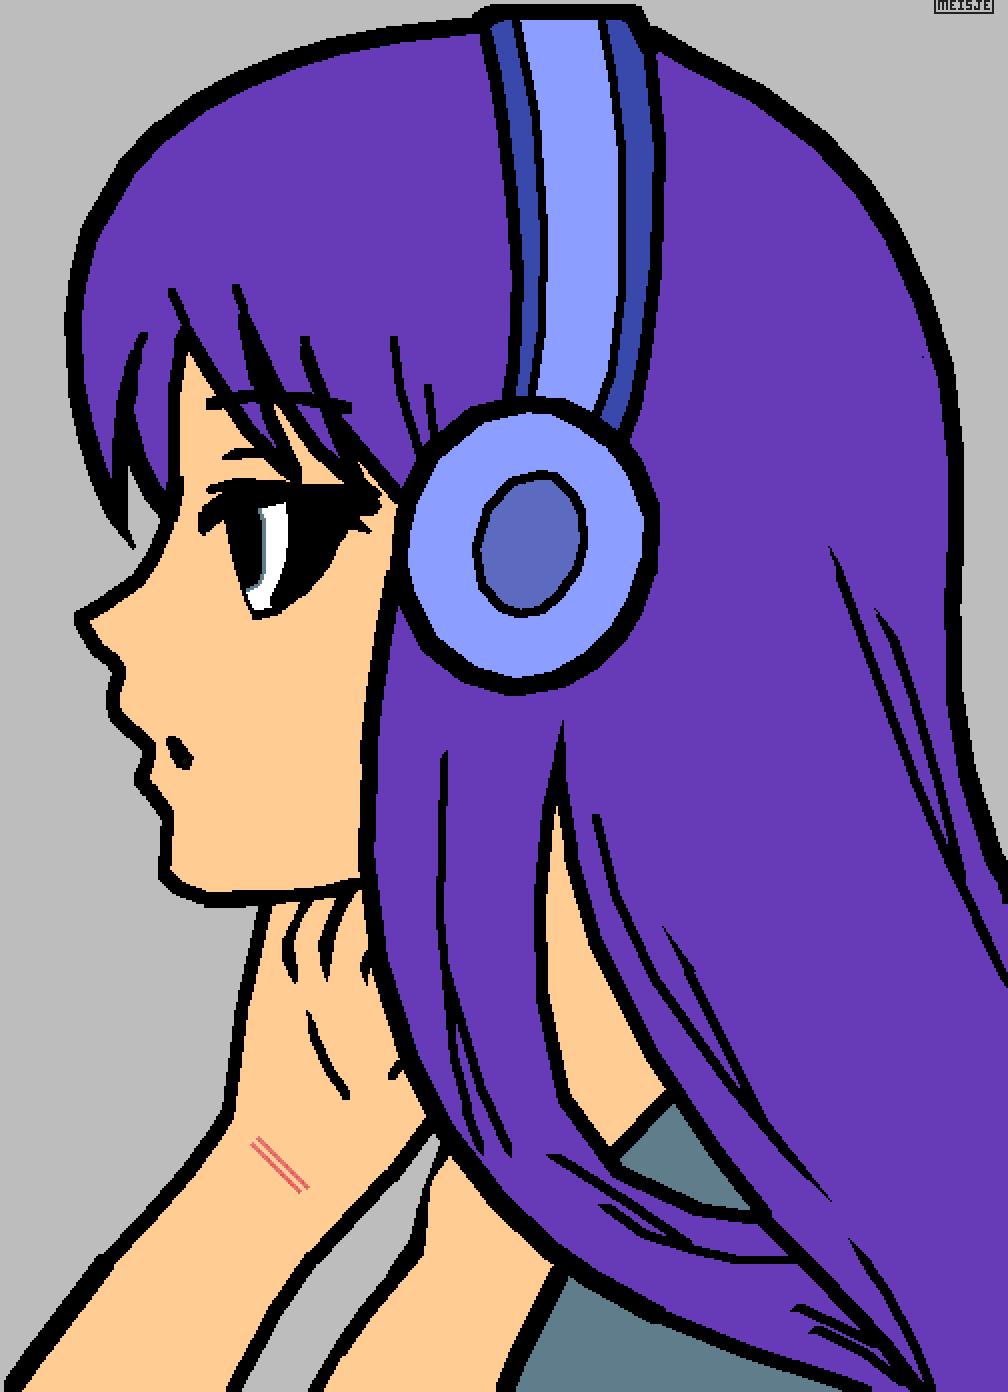 Anime by ThatWeirdKidddd